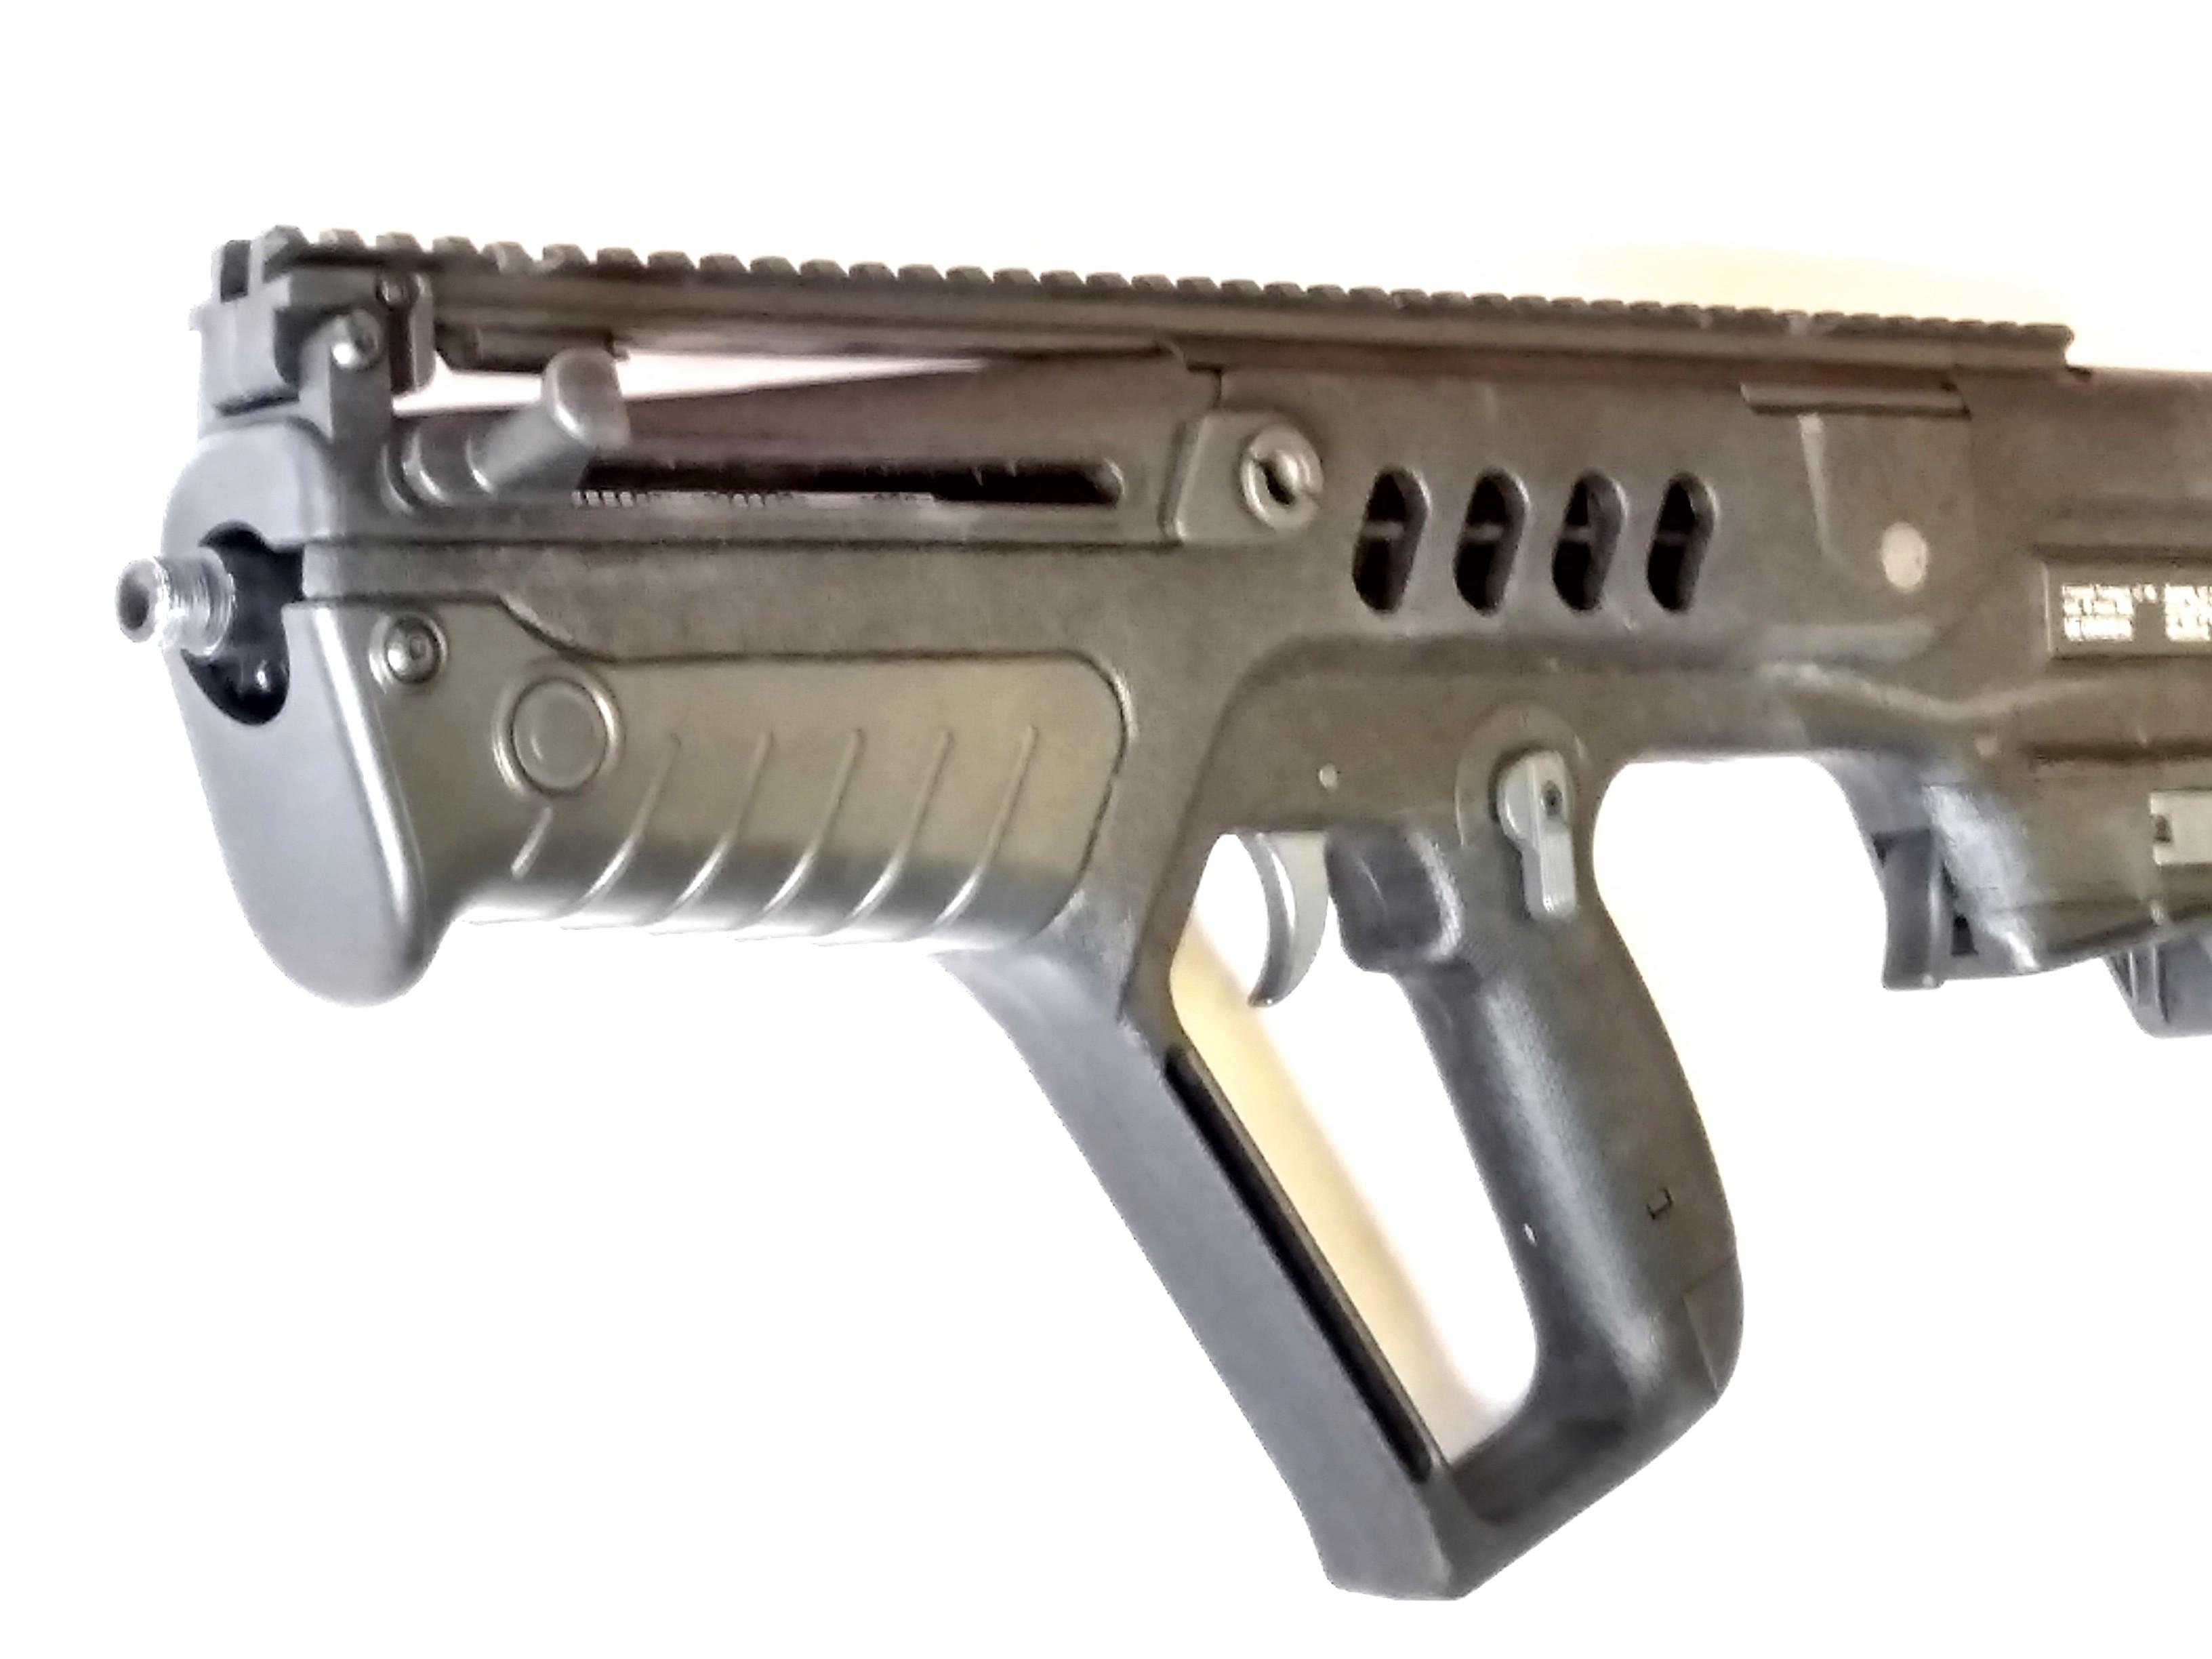 IWI Tavor AEG Rifle Airsoft Gun, Tavor CTAR (Elite Series)